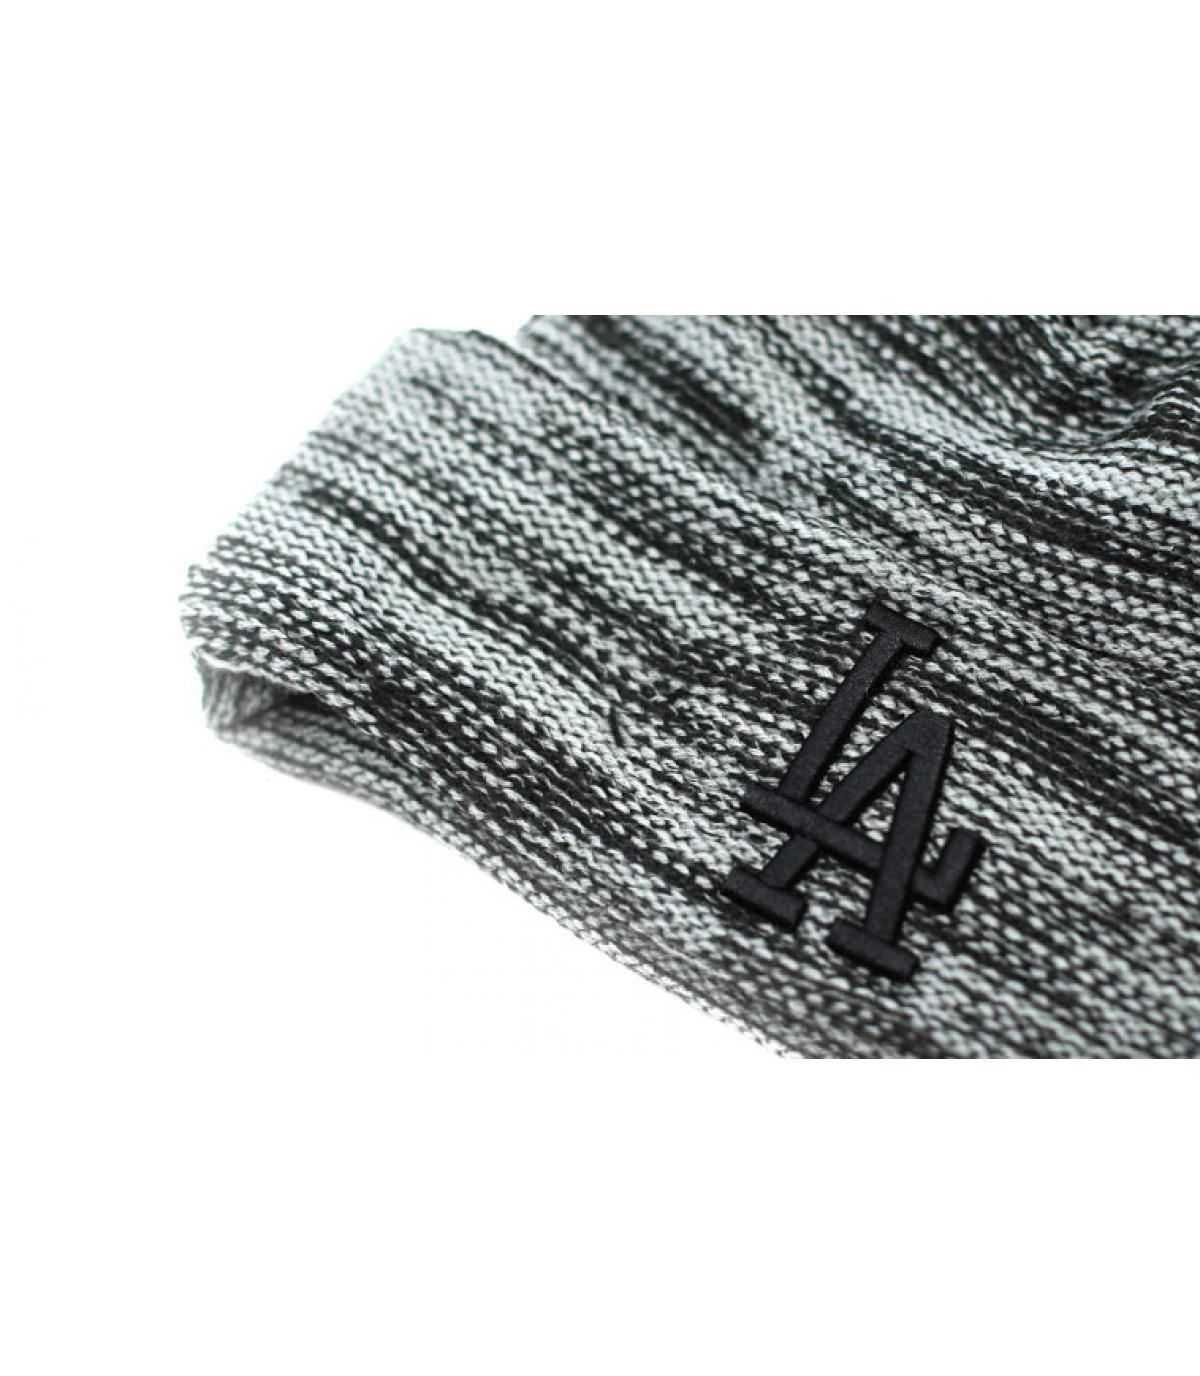 Détails LA Marl Knit storm gray black - image 3